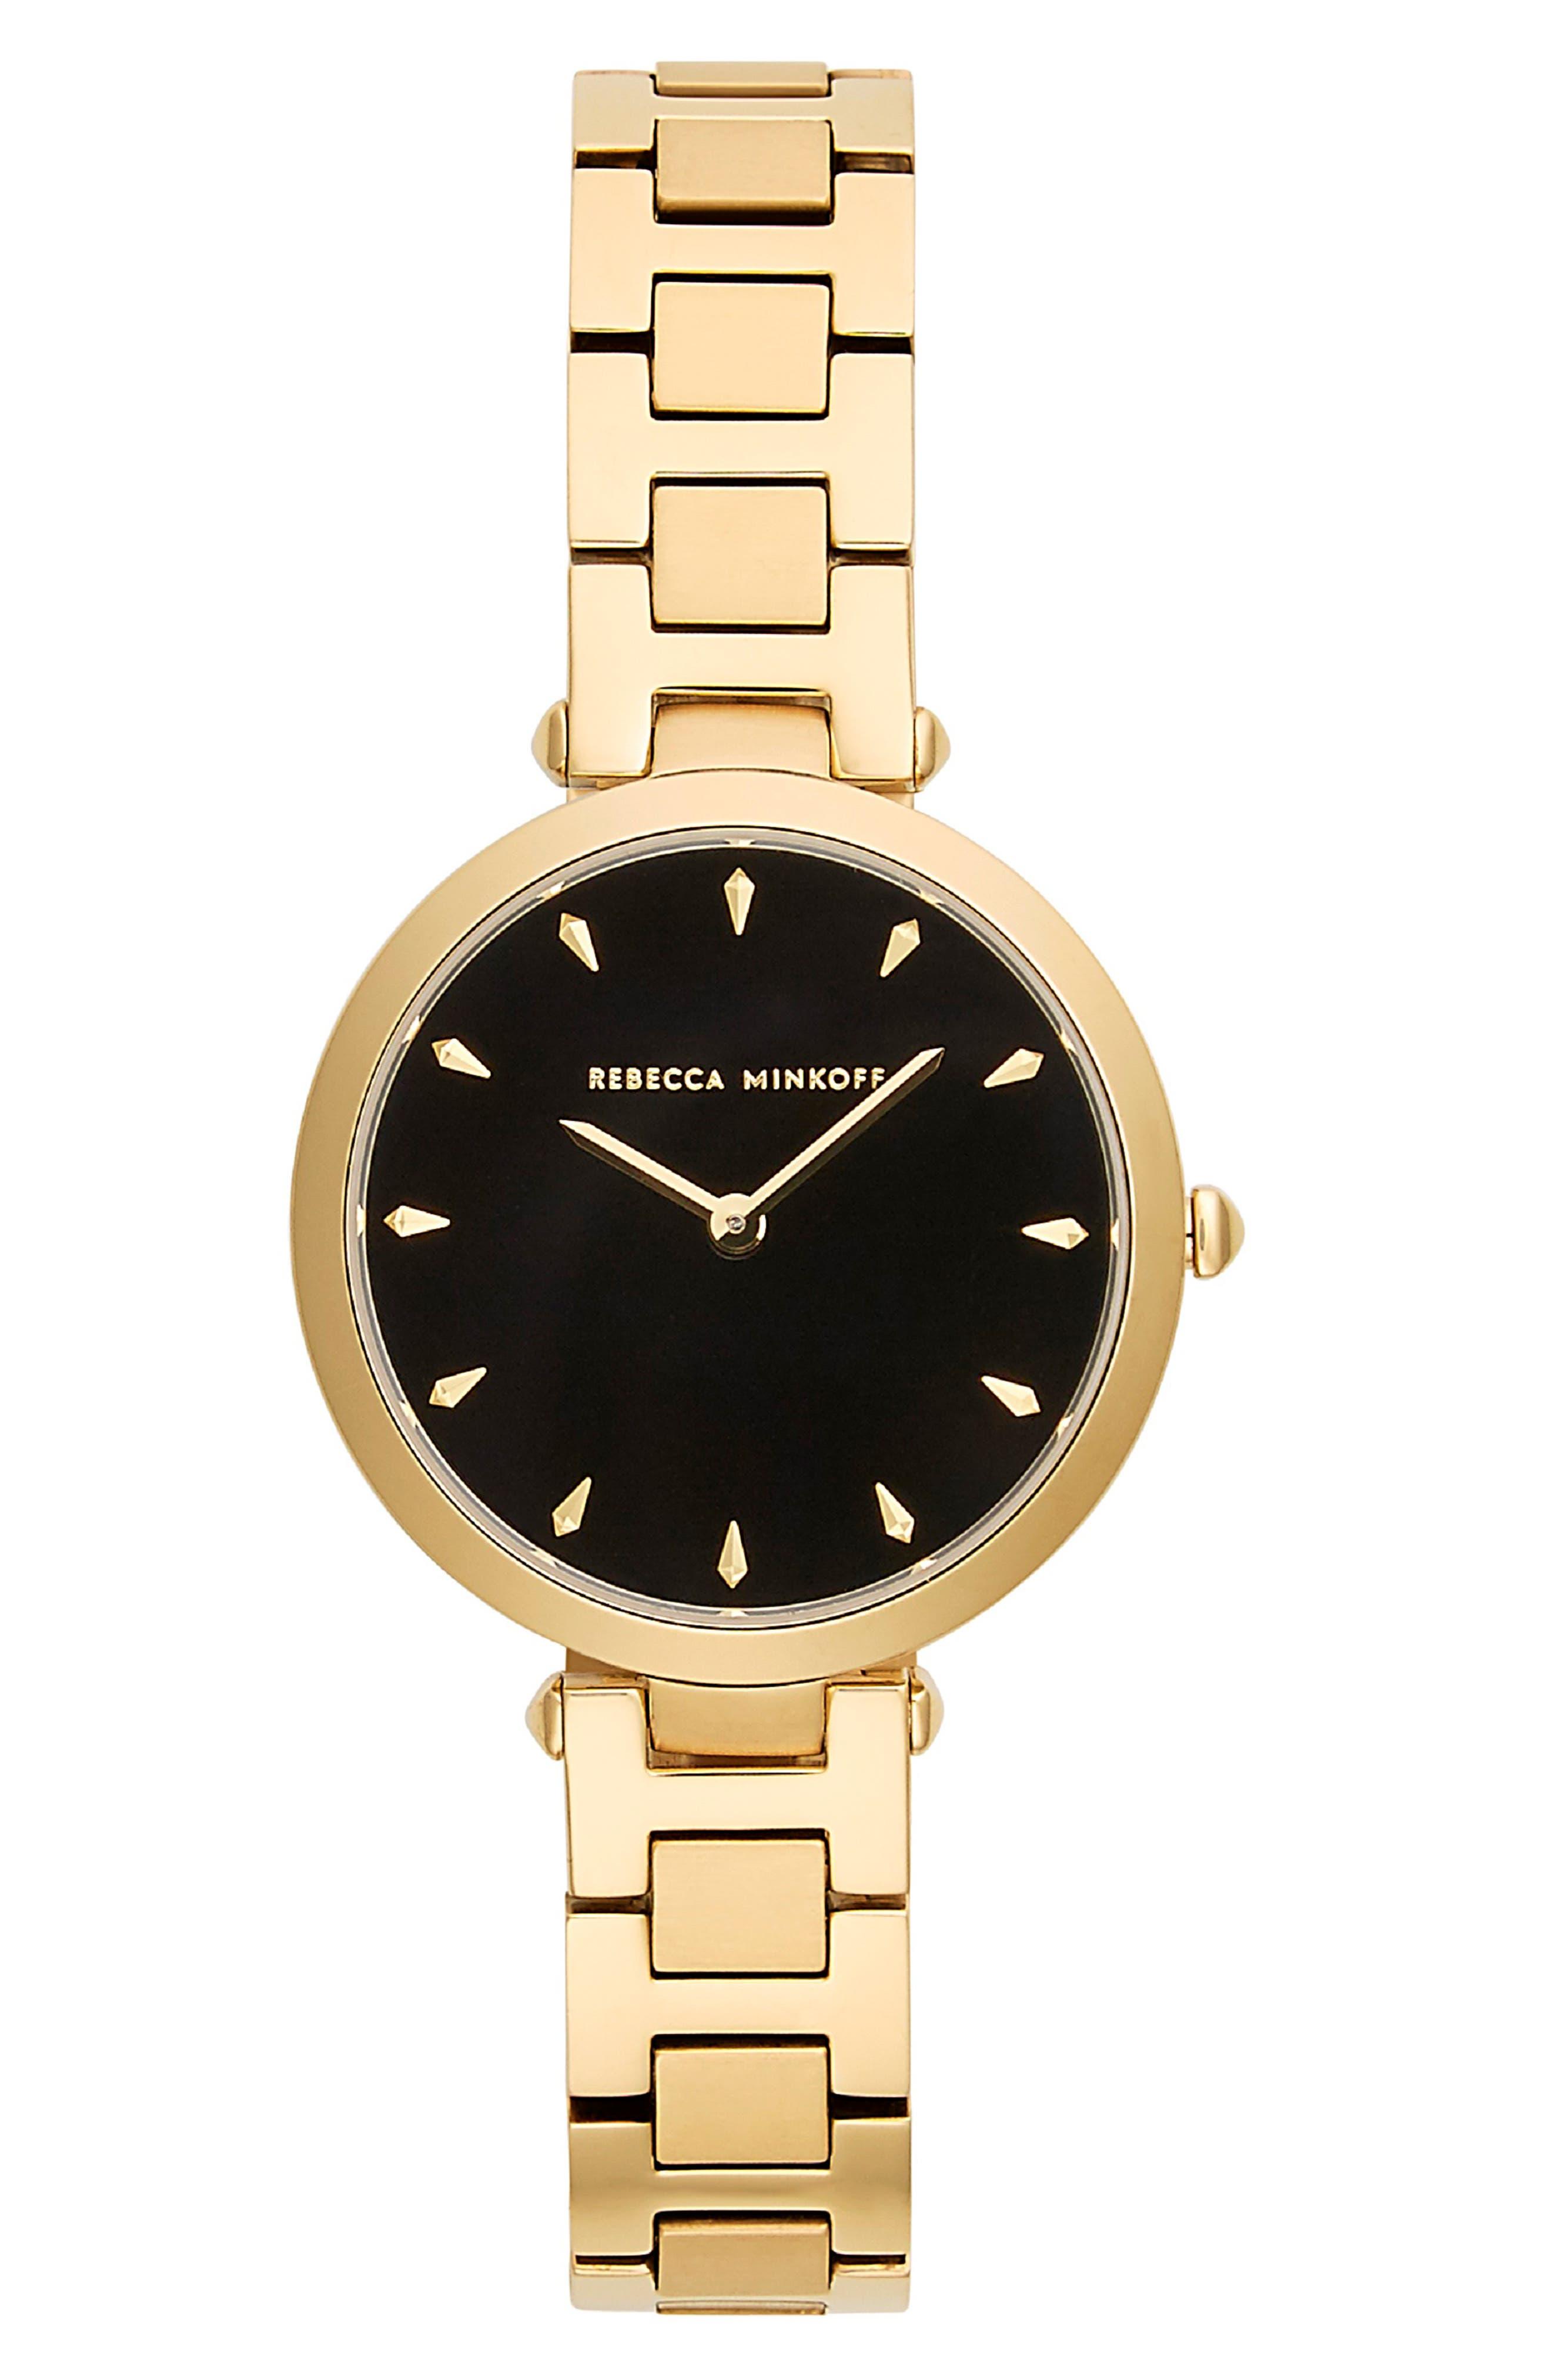 REBECCA MINKOFF T-Bar Bracelet Strap Watch, 33mm, Main, color, GOLD/ BLACK/ GOLD